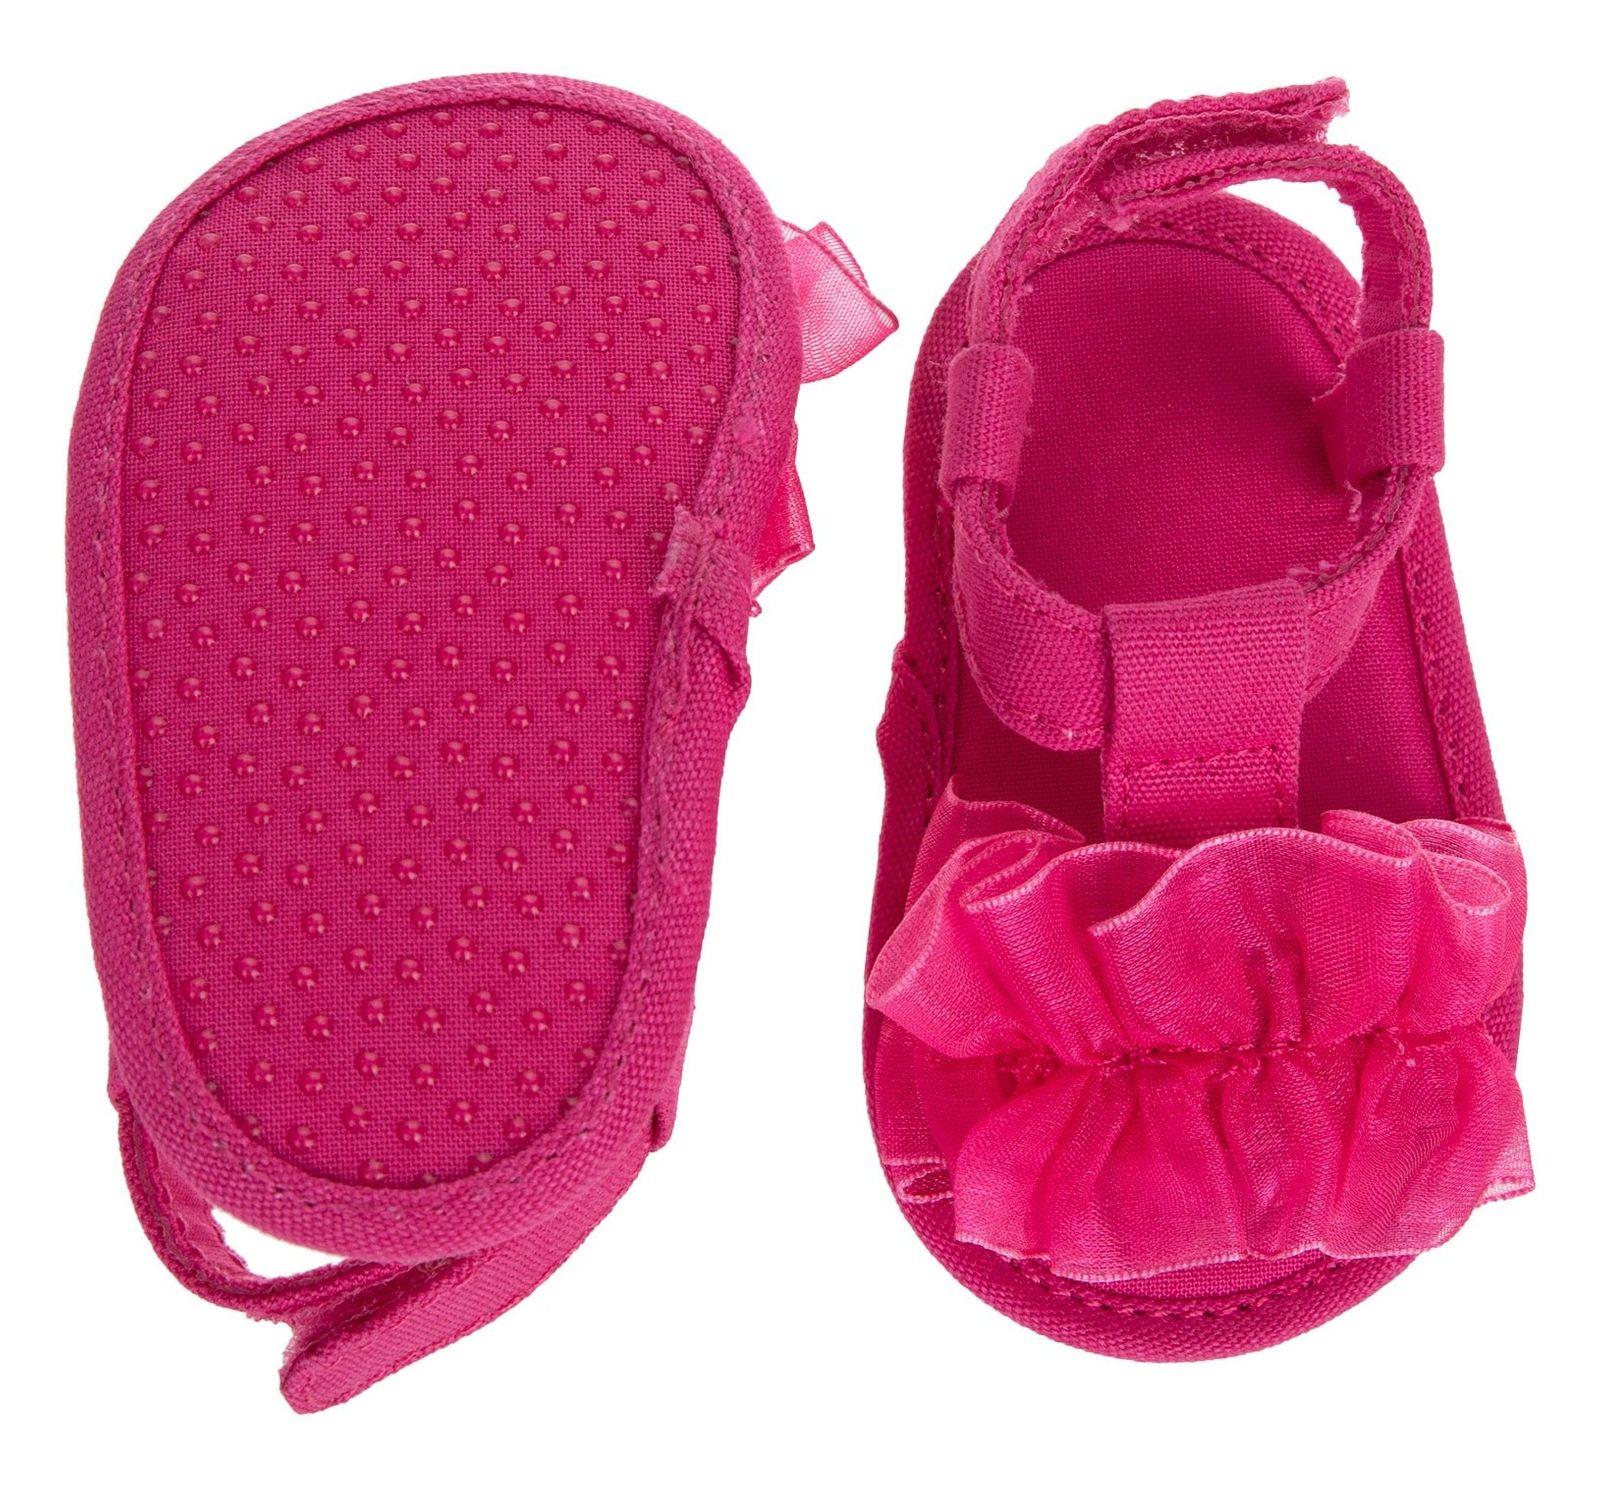 کفش چسبی نوزادی دخترانه - بلوکیدز - صورتی - 6